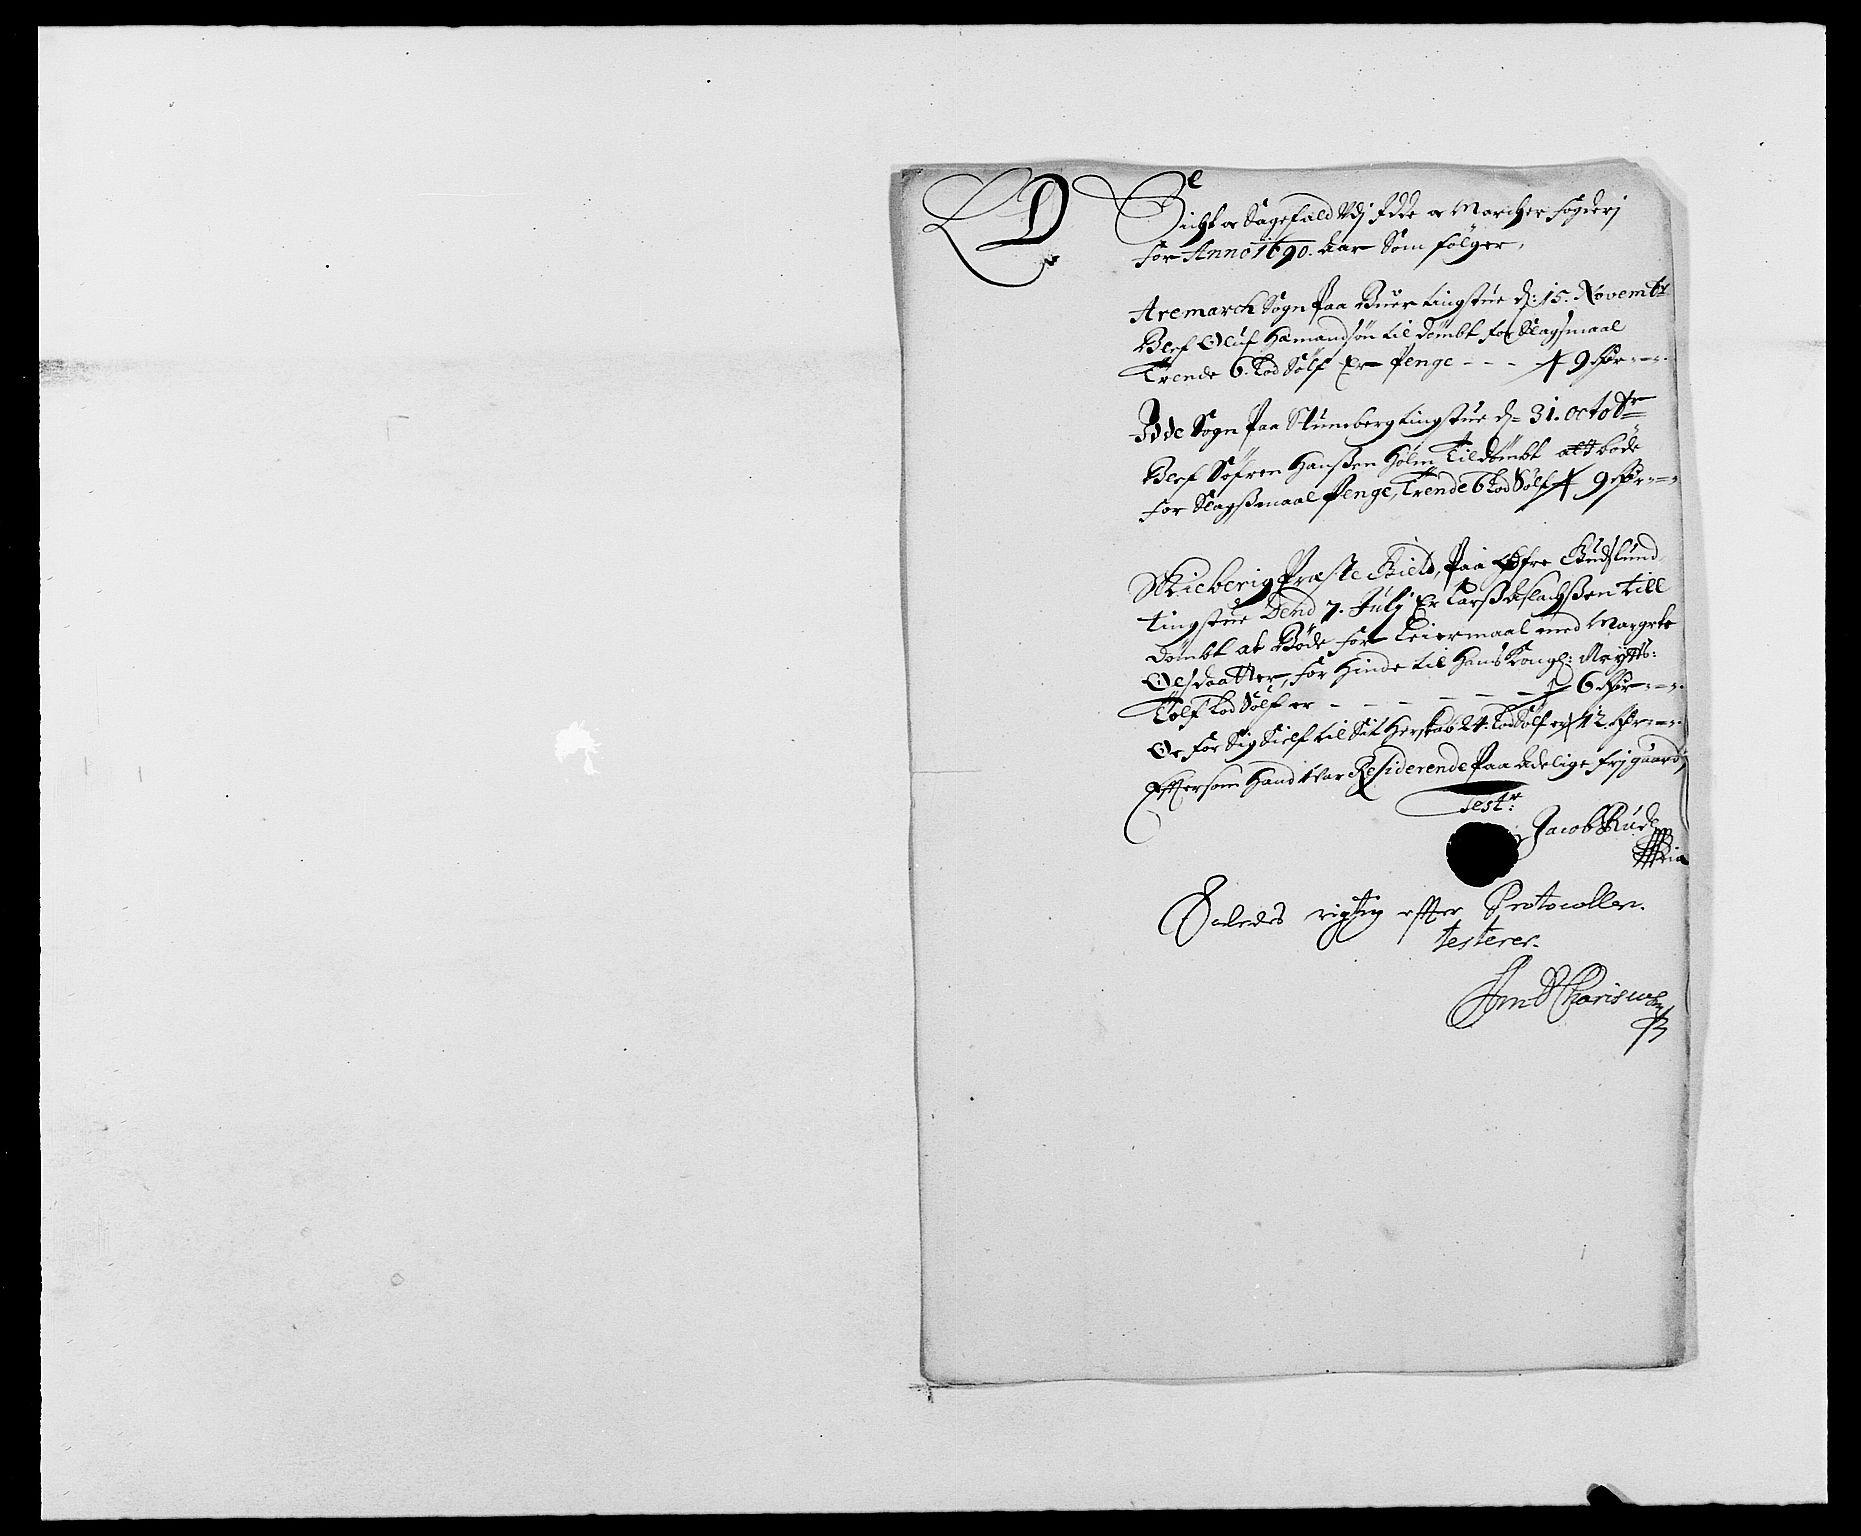 RA, Rentekammeret inntil 1814, Reviderte regnskaper, Fogderegnskap, R01/L0010: Fogderegnskap Idd og Marker, 1690-1691, s. 199